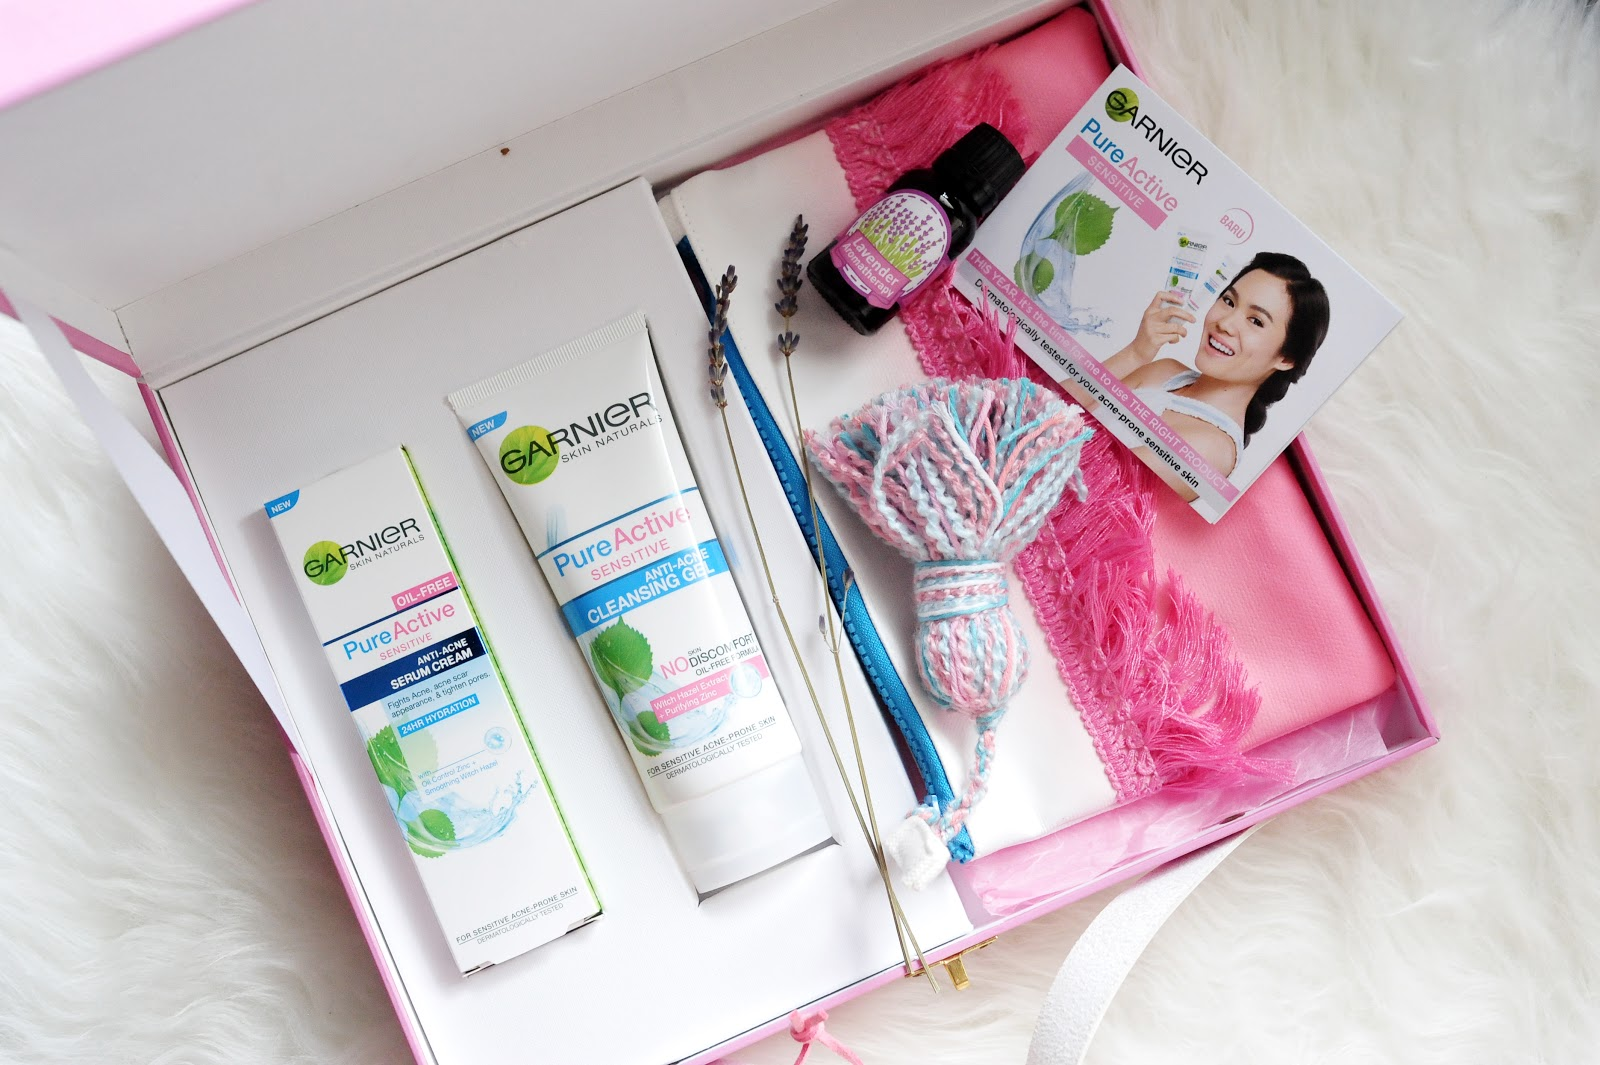 Review Garnier Pure Active Sensitive Anti Acne Magellanictivity Cleansing Gel Foam 100 Ml Nah Sekitar 2 Mingguan Gue Mencoba Rangkaian Produk Yang Dikirimin Dari Sociolla Kebetulan Saat Itu Lagi Ada